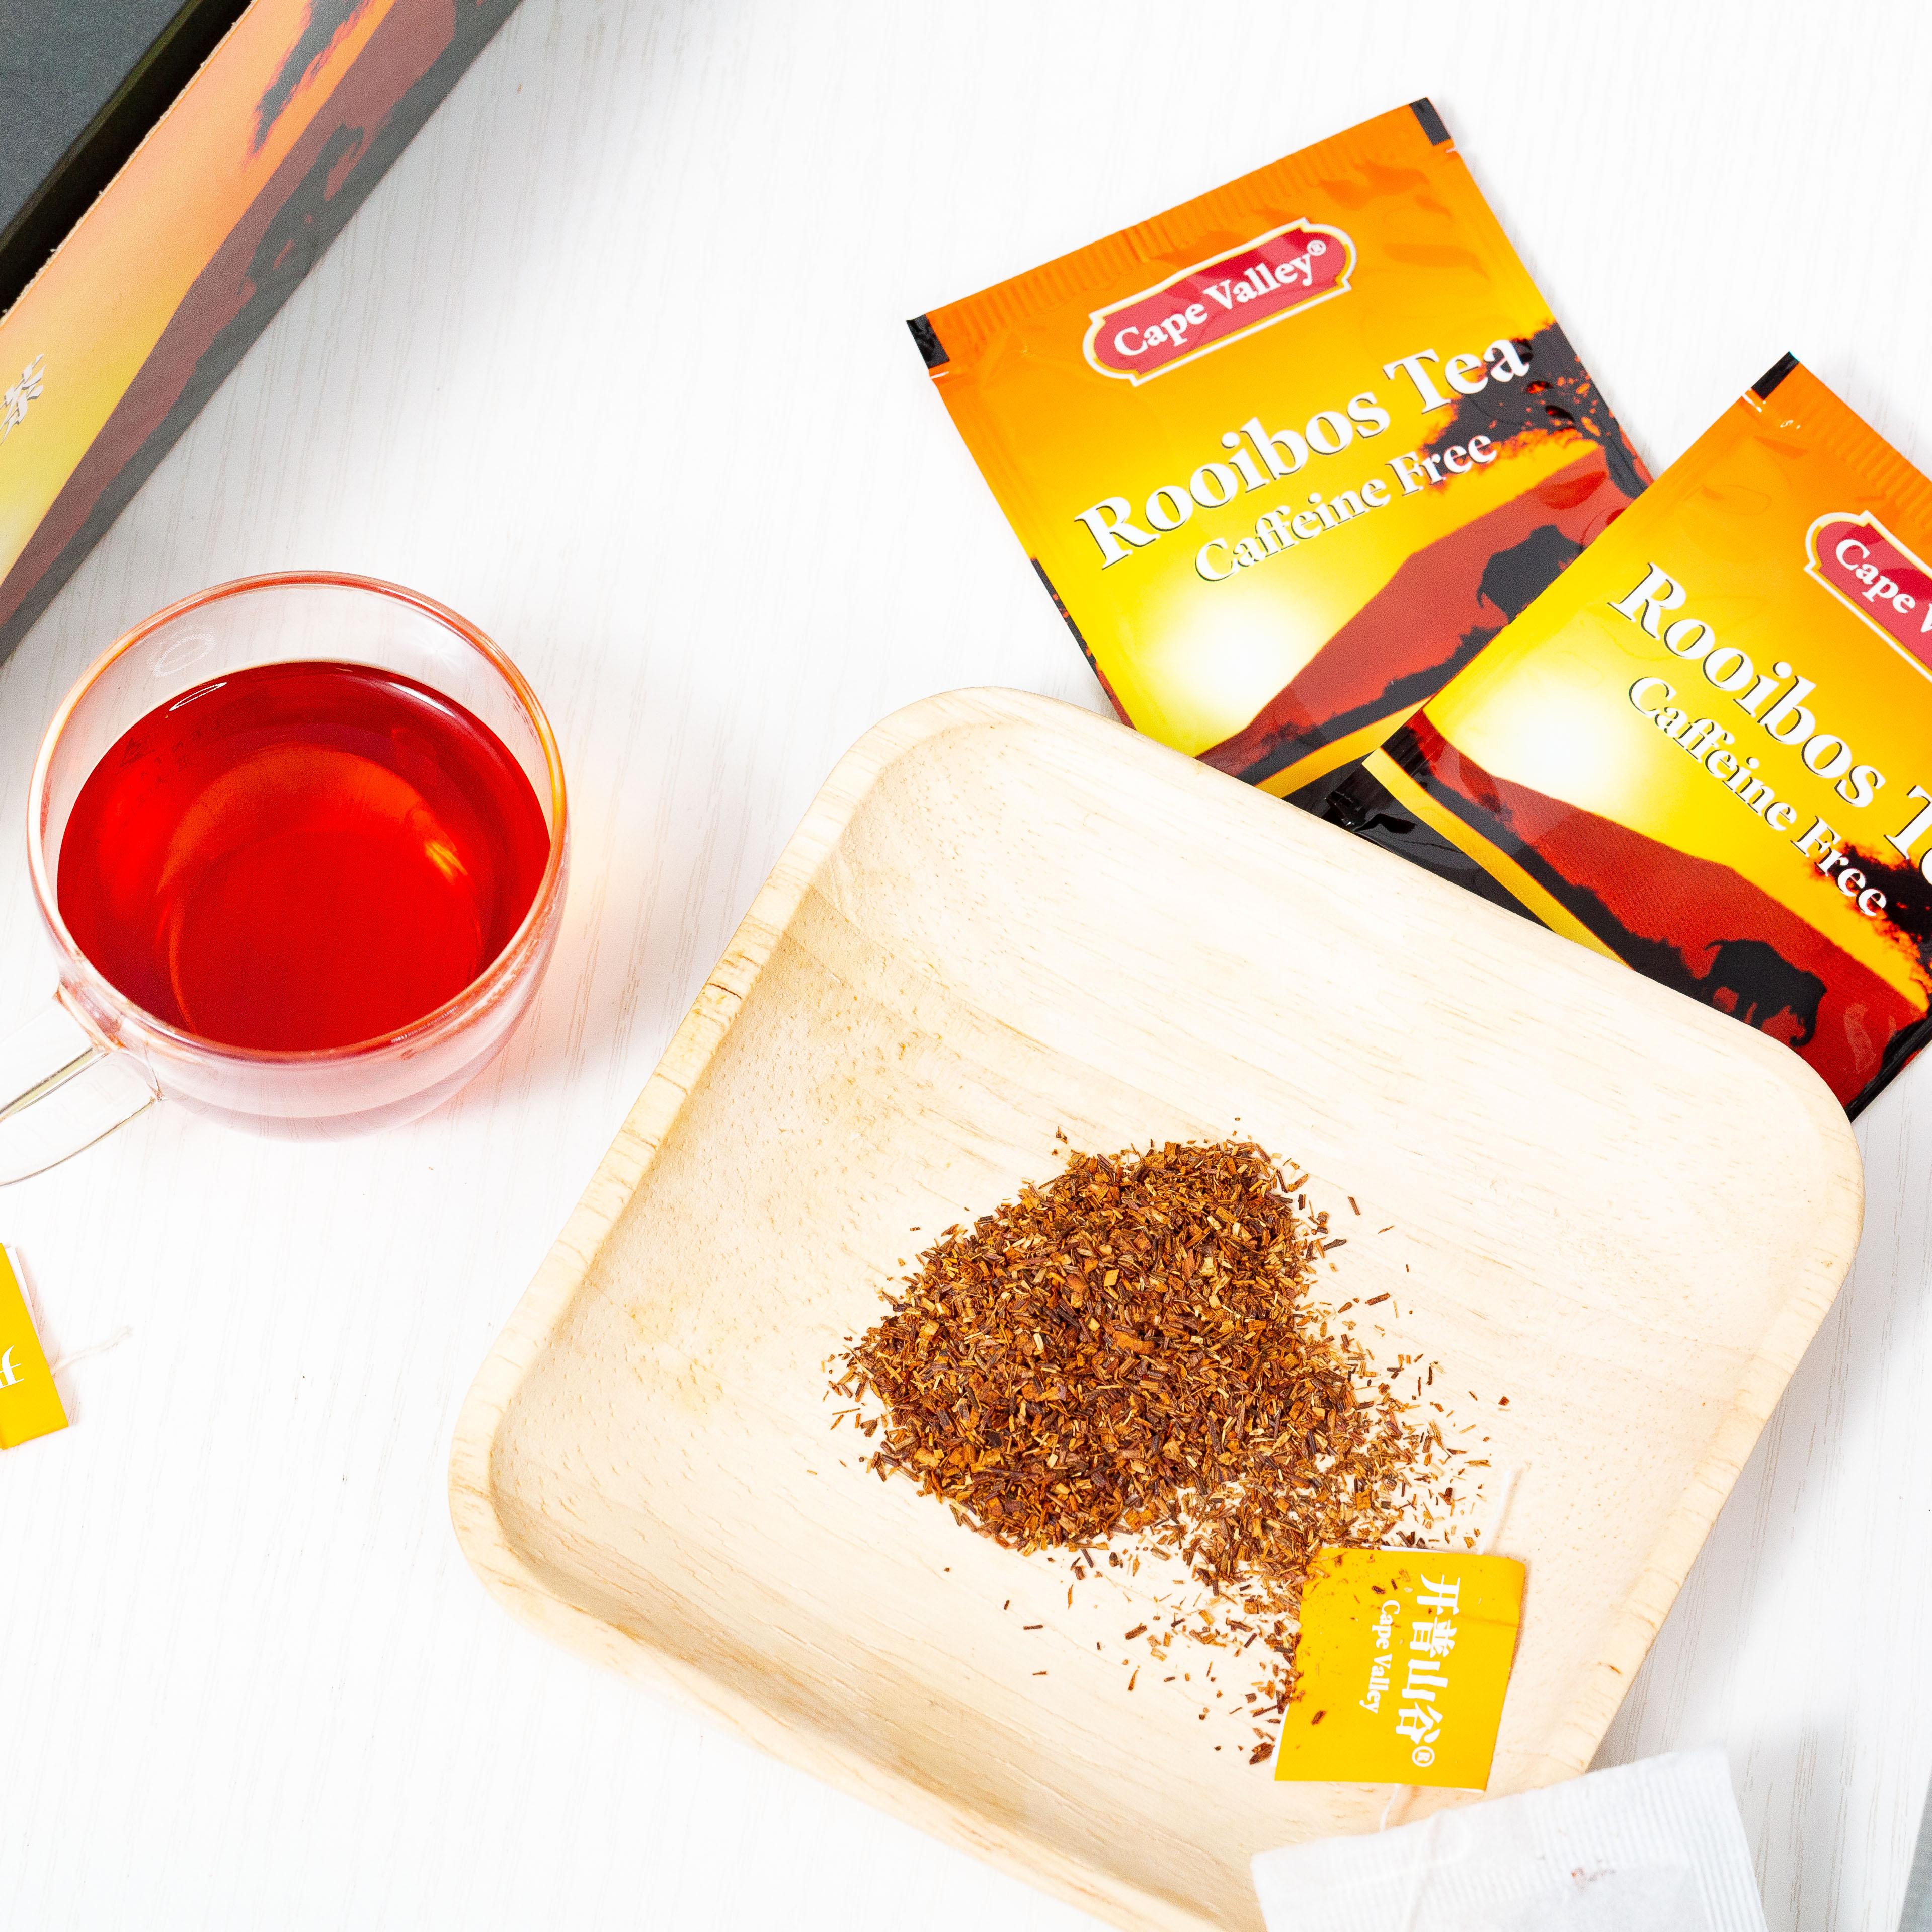 「可以喝的神仙水」开普山谷南非博士茶 Rooibos路易波士国宝红茶无咖啡因 美容养颜  0卡路里 无糖分  孕妇可喝100袋/盒 商品图4